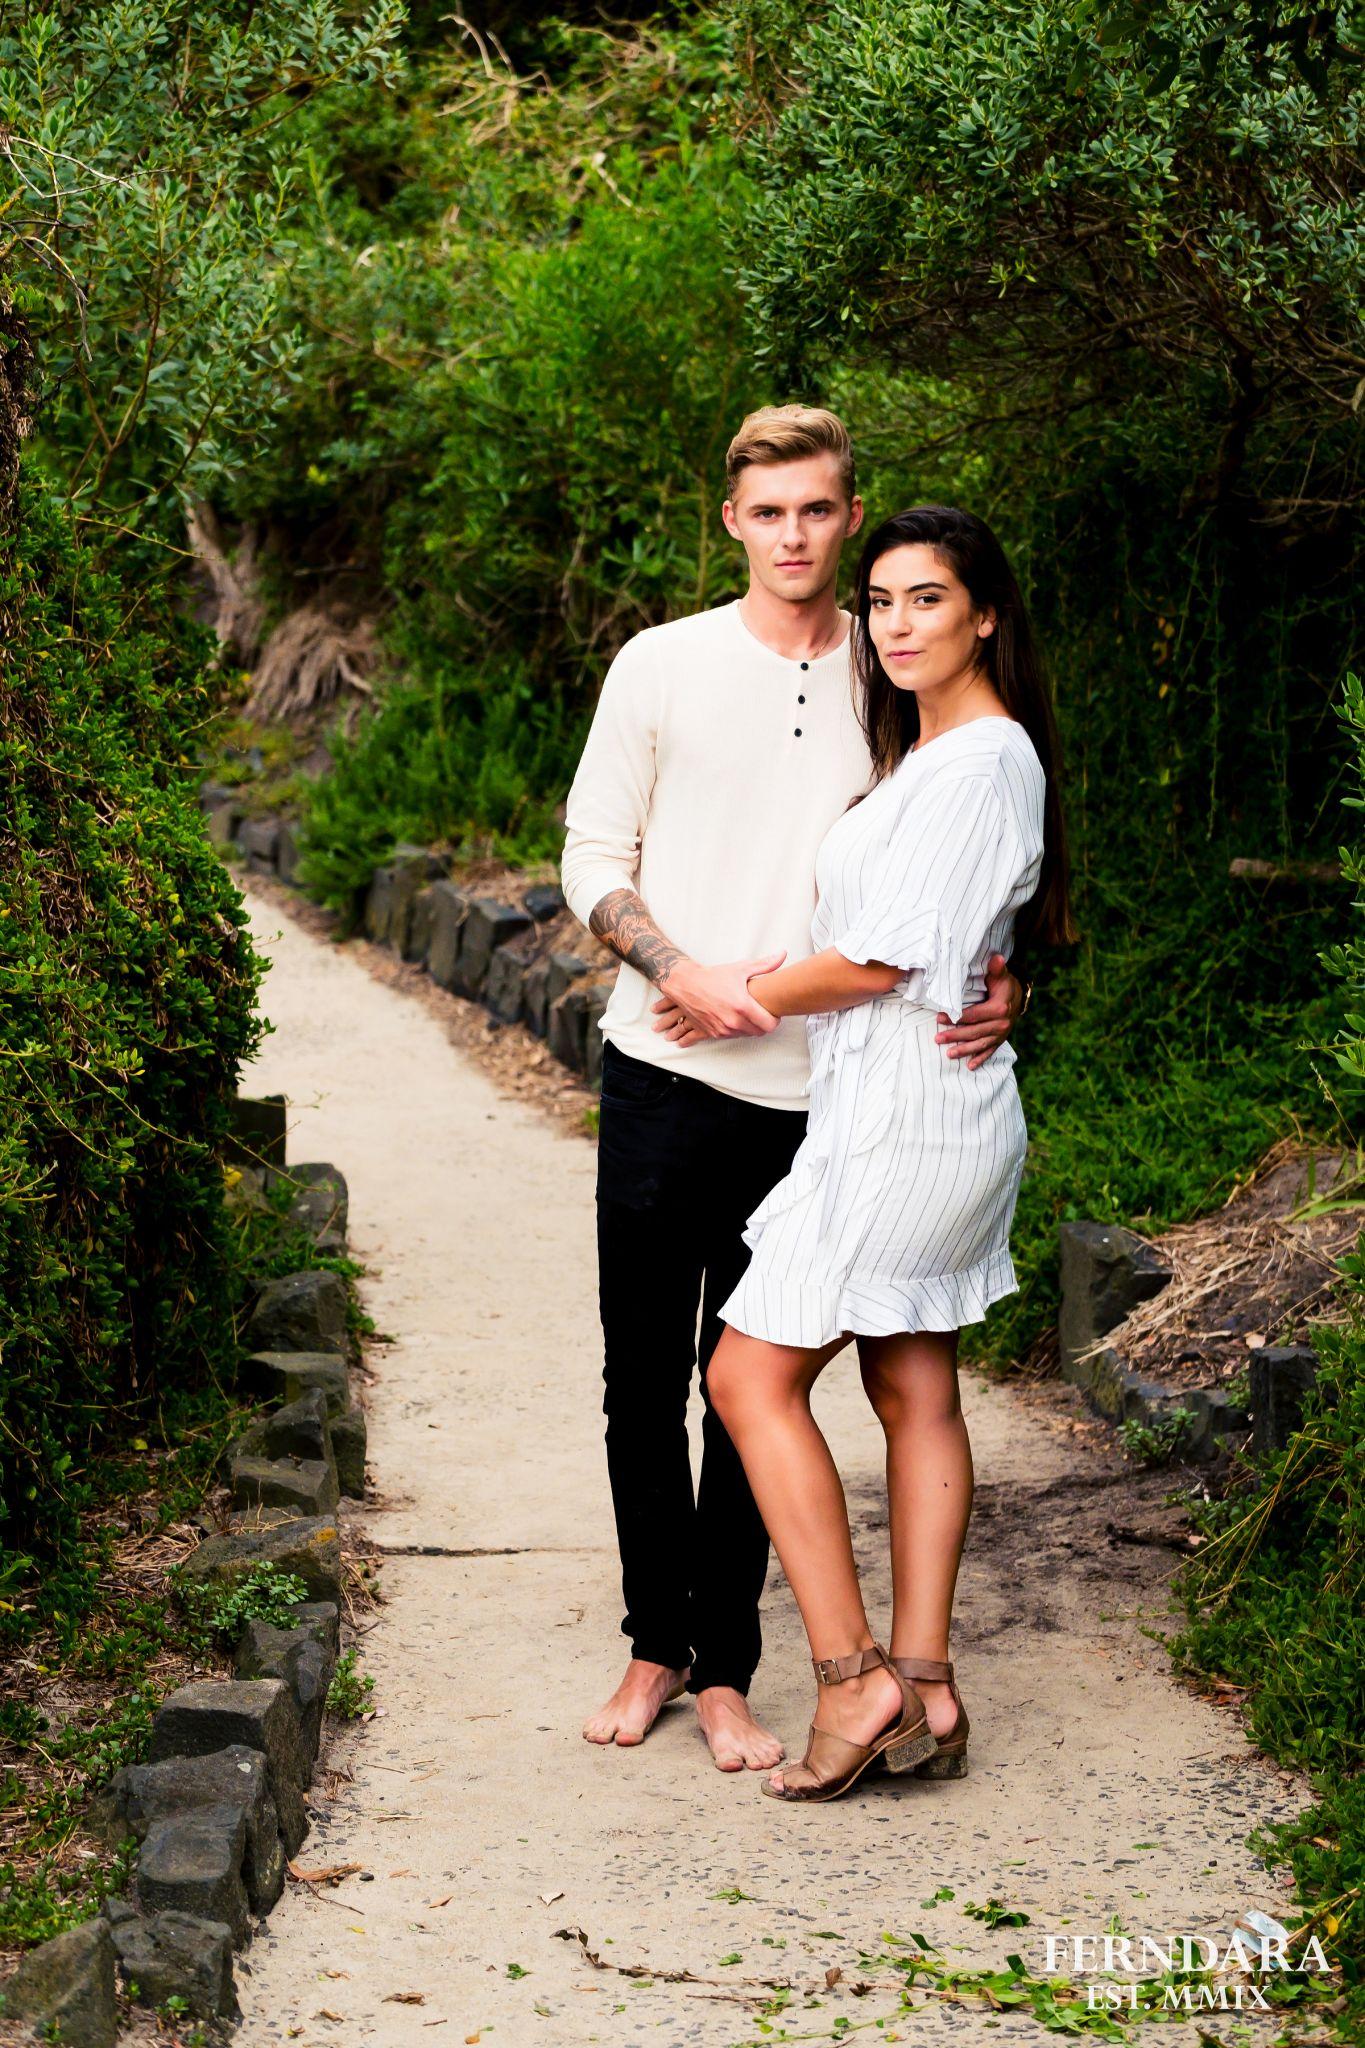 Jessica + Chris, Ferndara